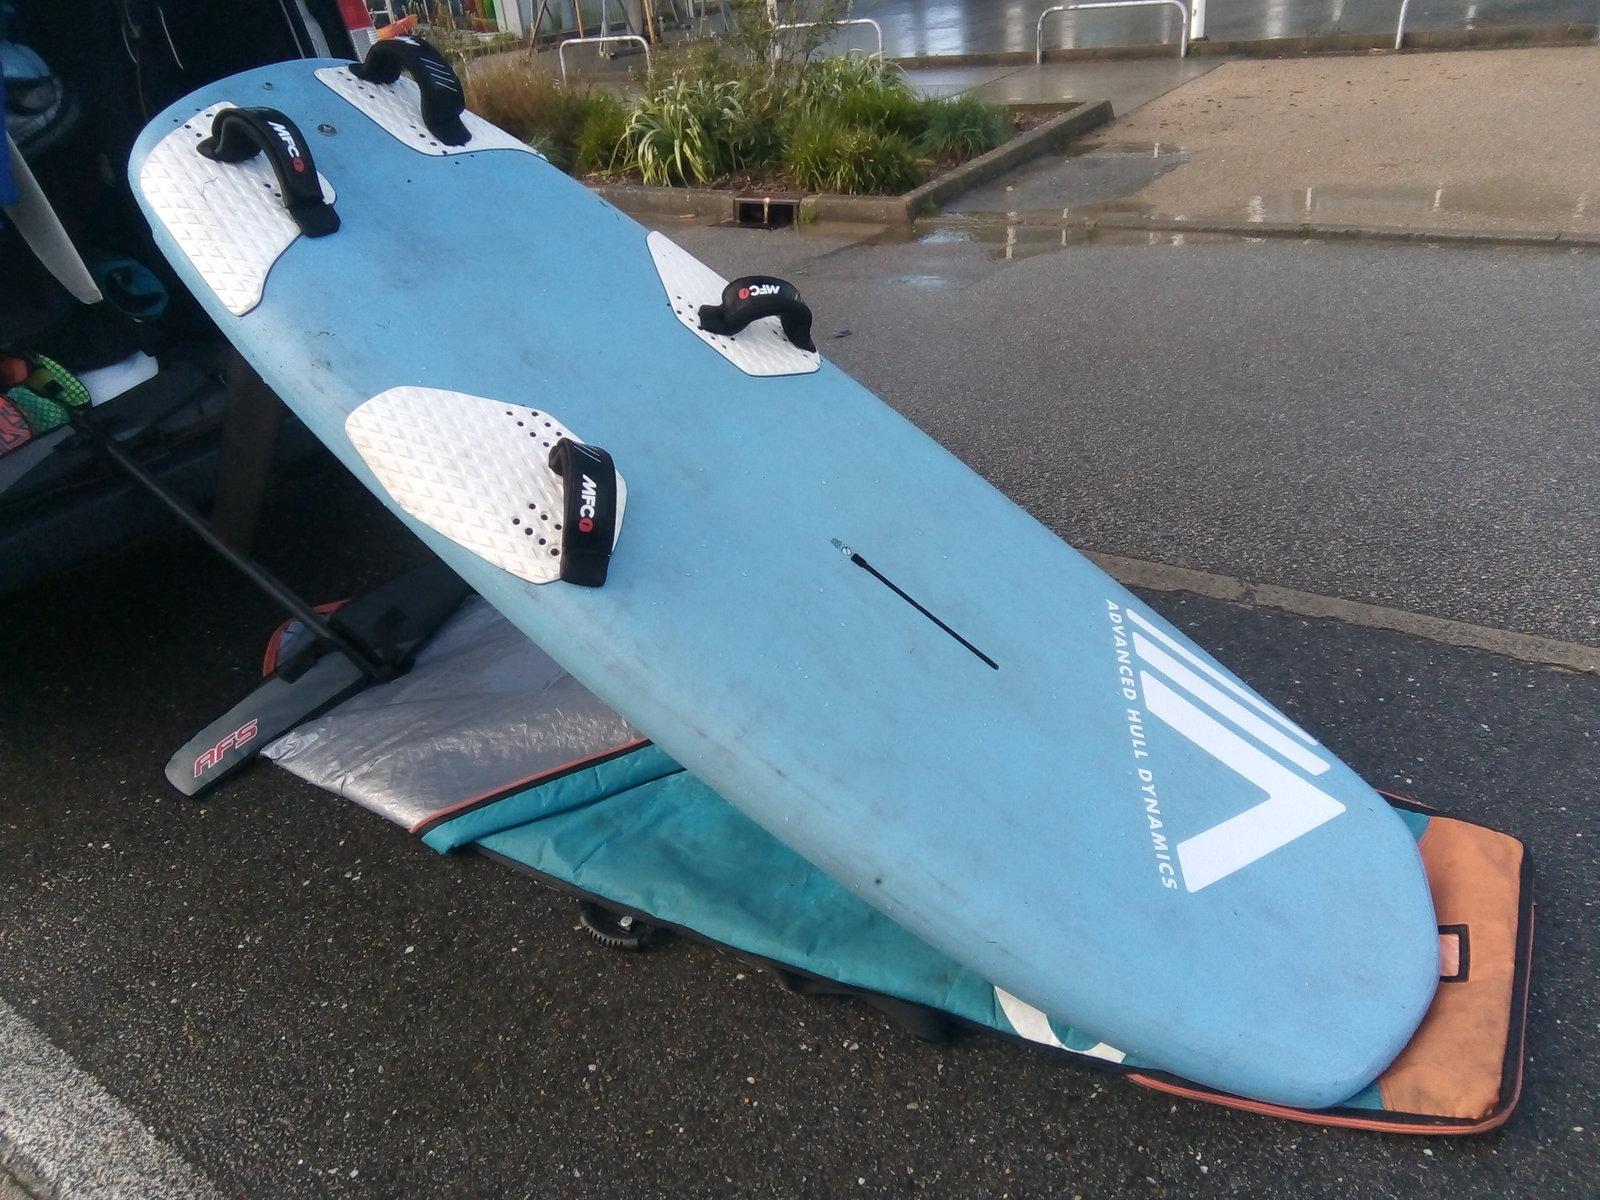 Test Du Proto Ahd Compact 72 2020 Windsurfing33 Afficher Le Sujet